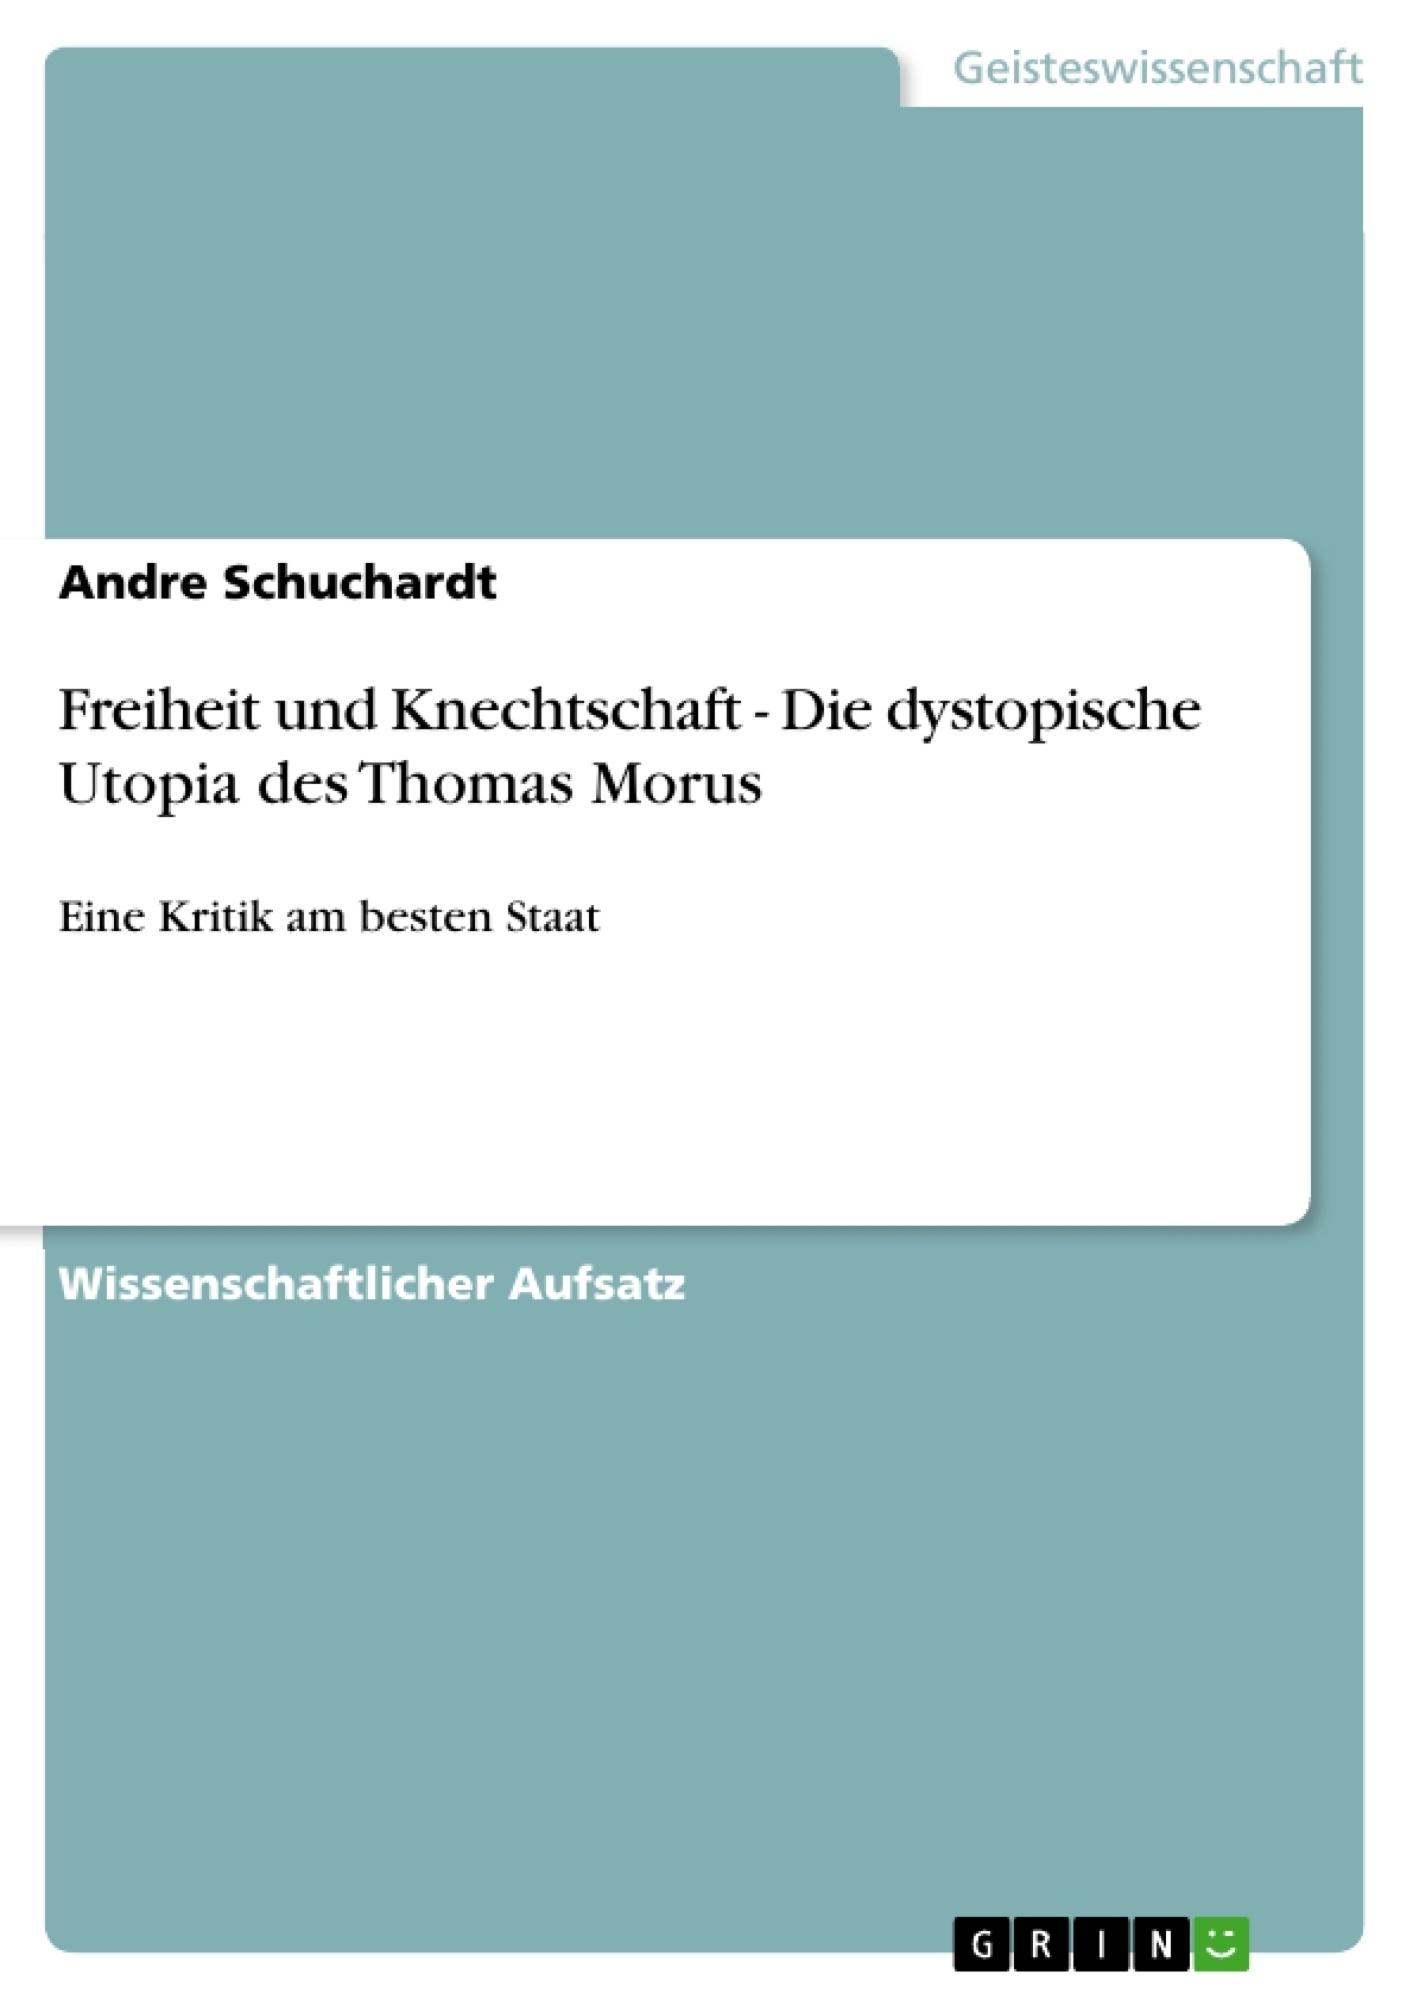 Titel: Freiheit und Knechtschaft - Die dystopische Utopia des Thomas Morus